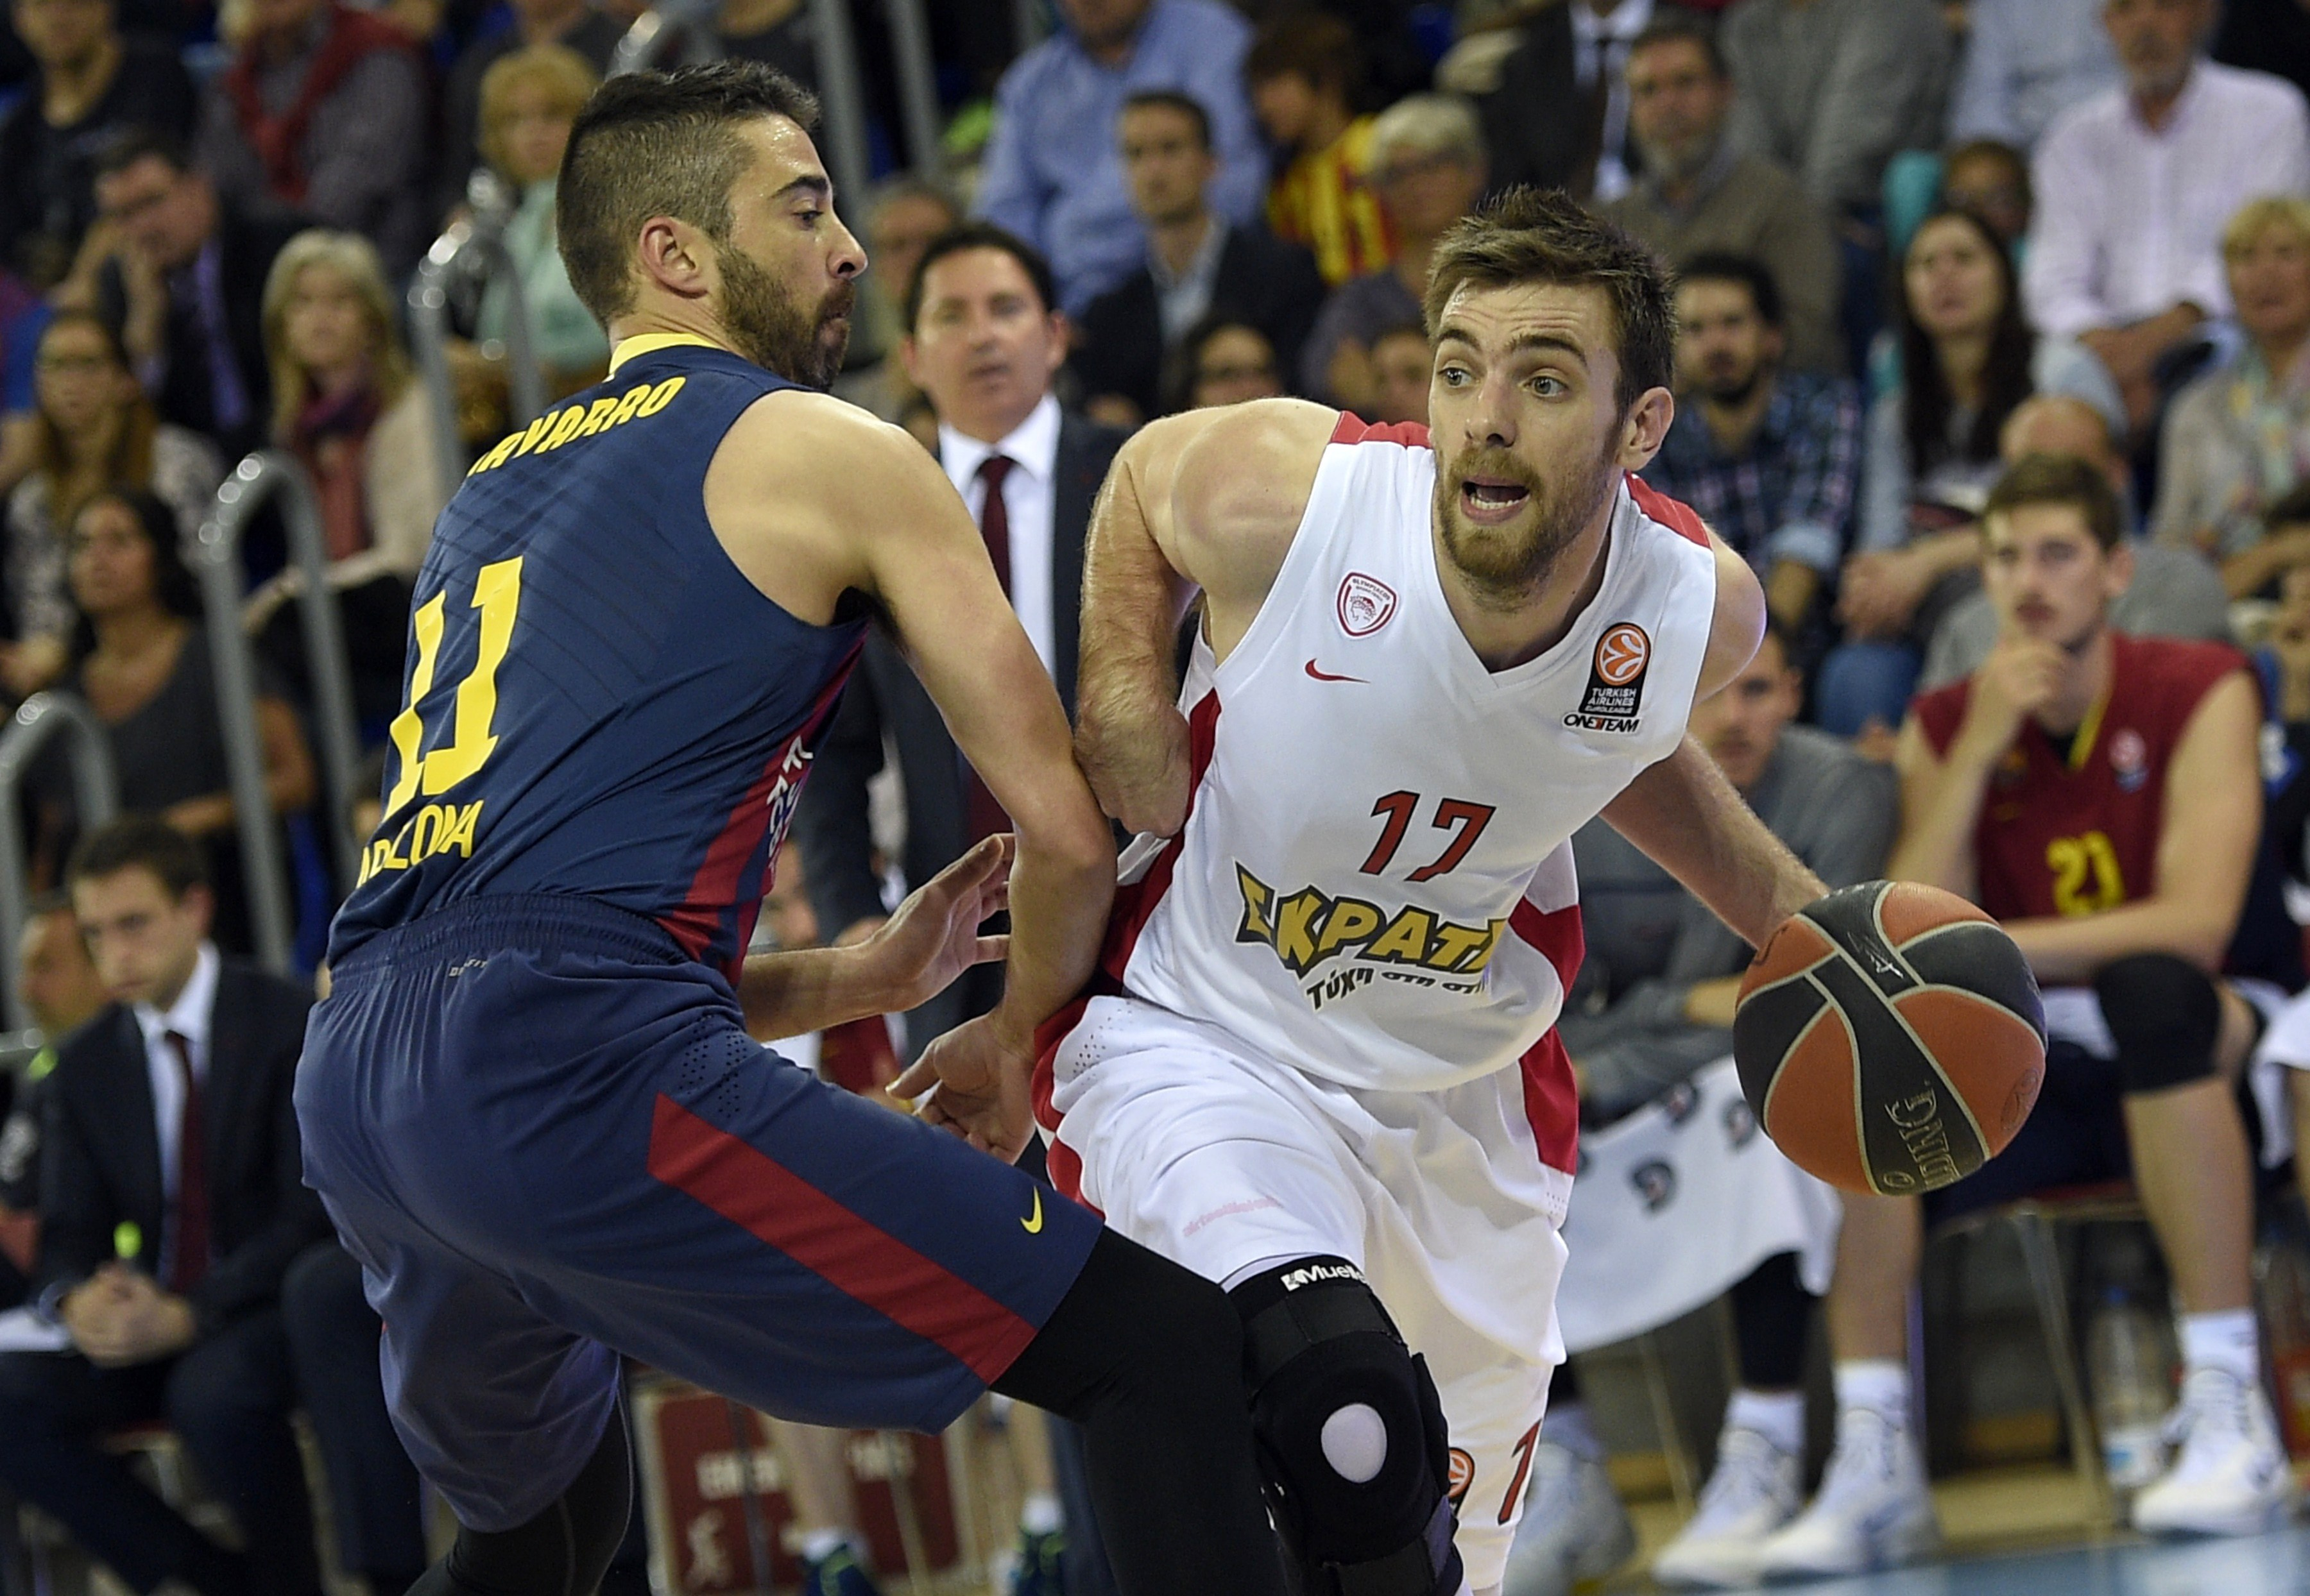 El Barcelona, uno de los equipos que sigue de cerca al líder Valencia.